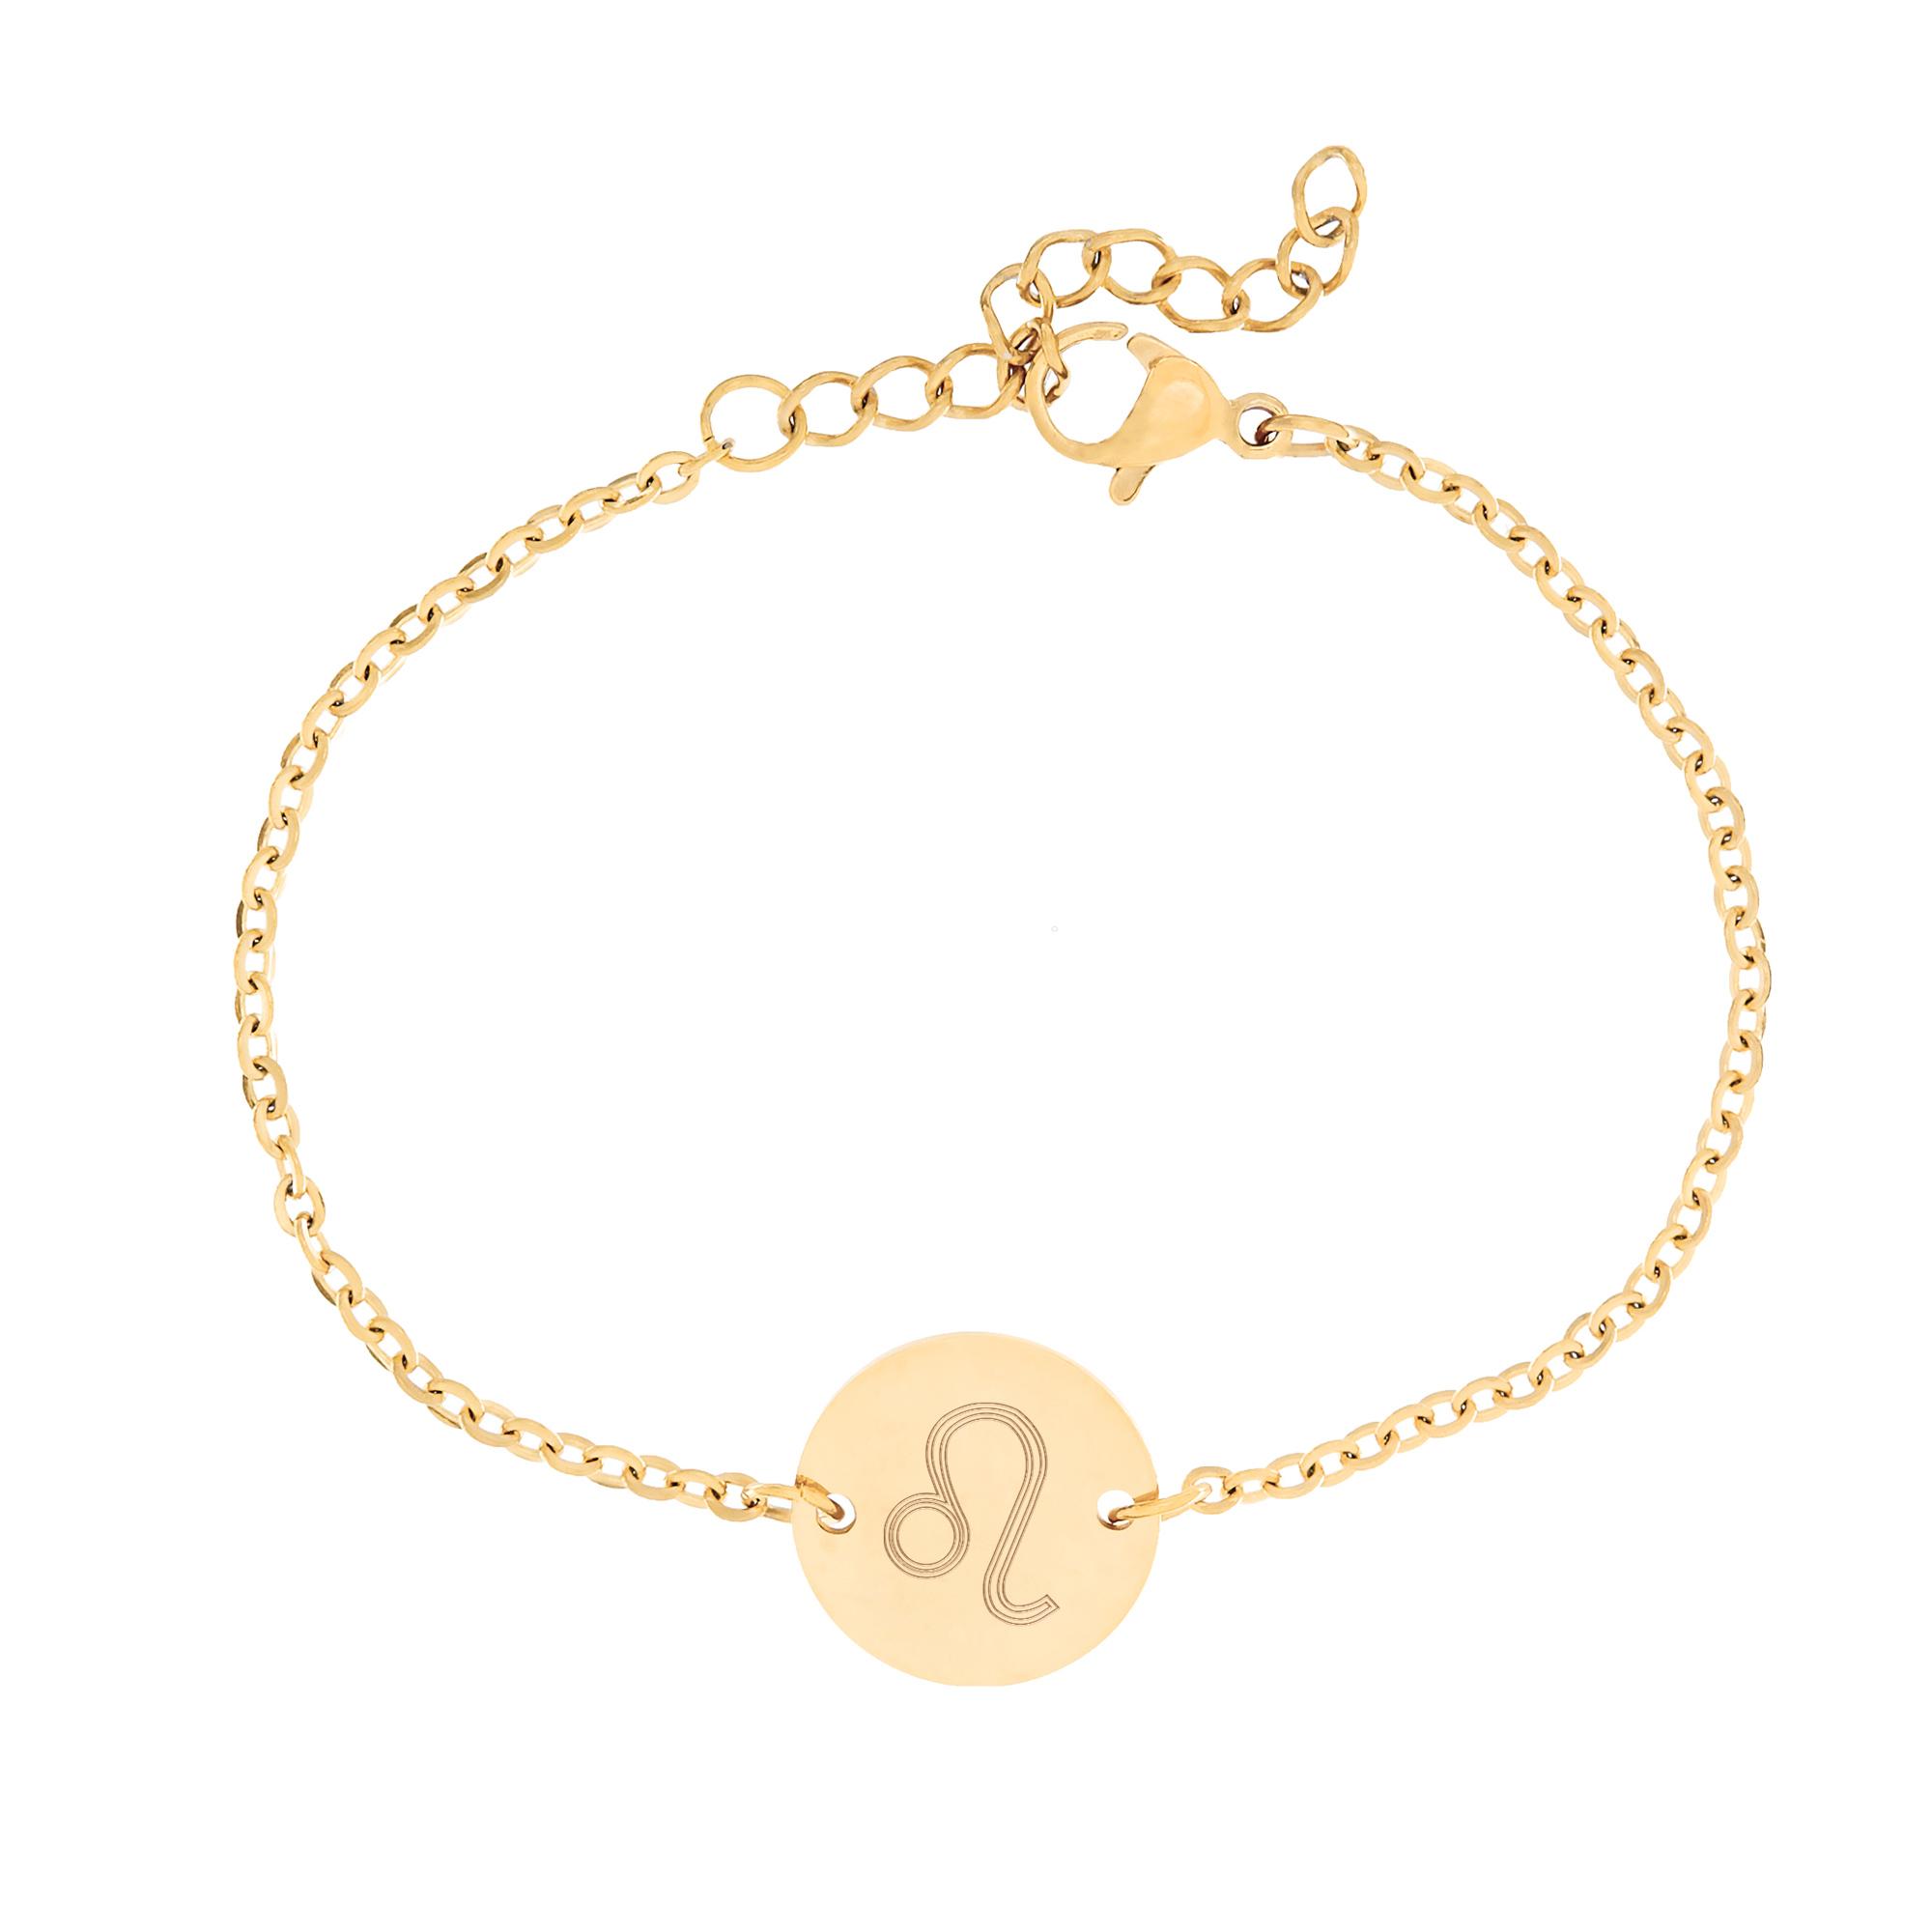 Armkettchen mit Gravur - Sternzeichen - Gold - Kurz - Personalisiert